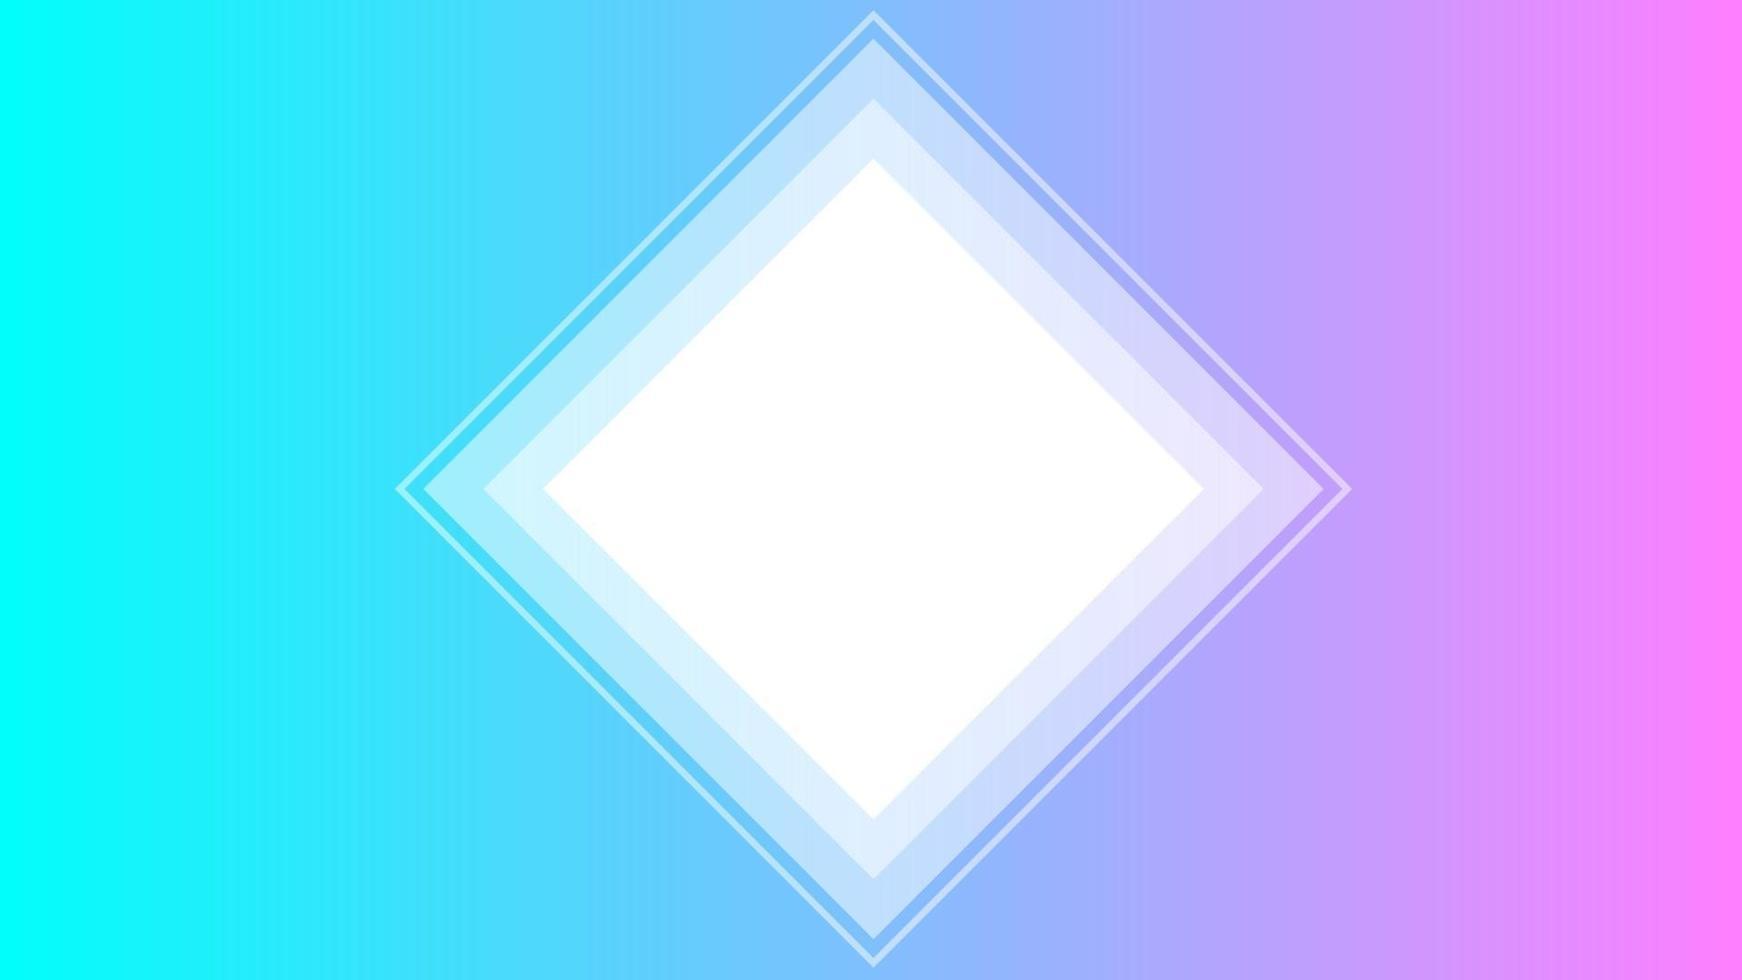 pastellfarbener Hintergrund mit weißem Polygon vektor